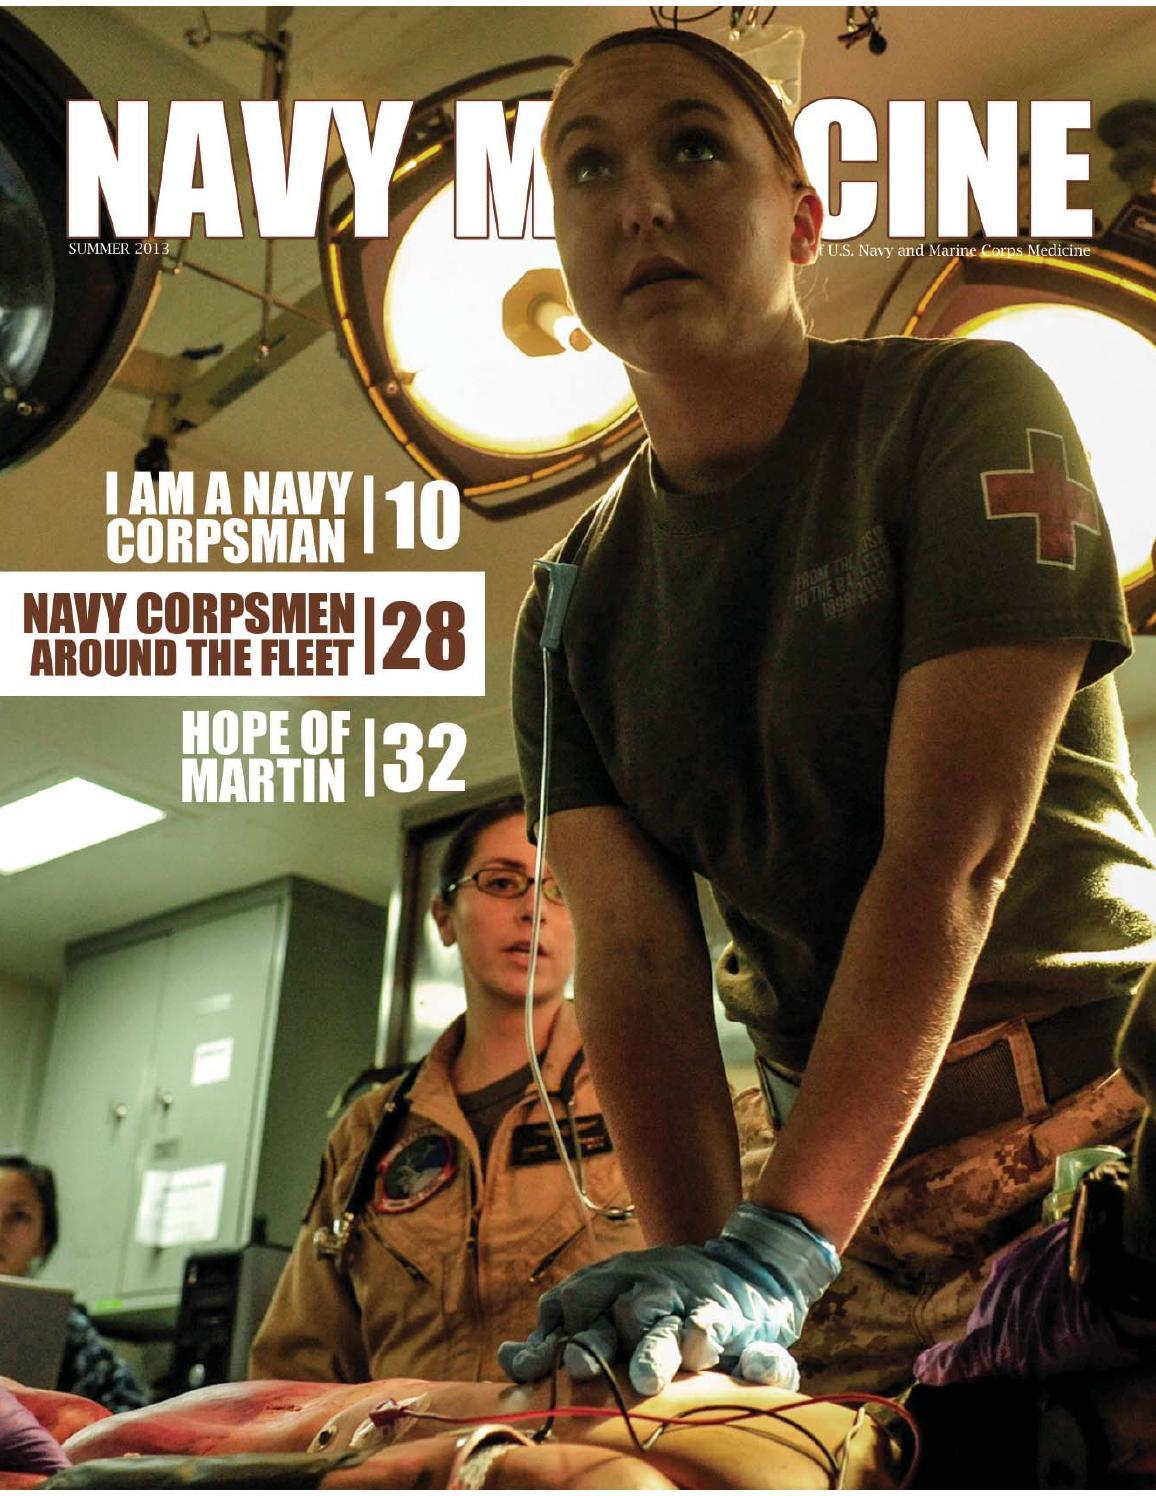 Navy Medicine Magazine (Summer 2013) by Navy Medicine - issuu